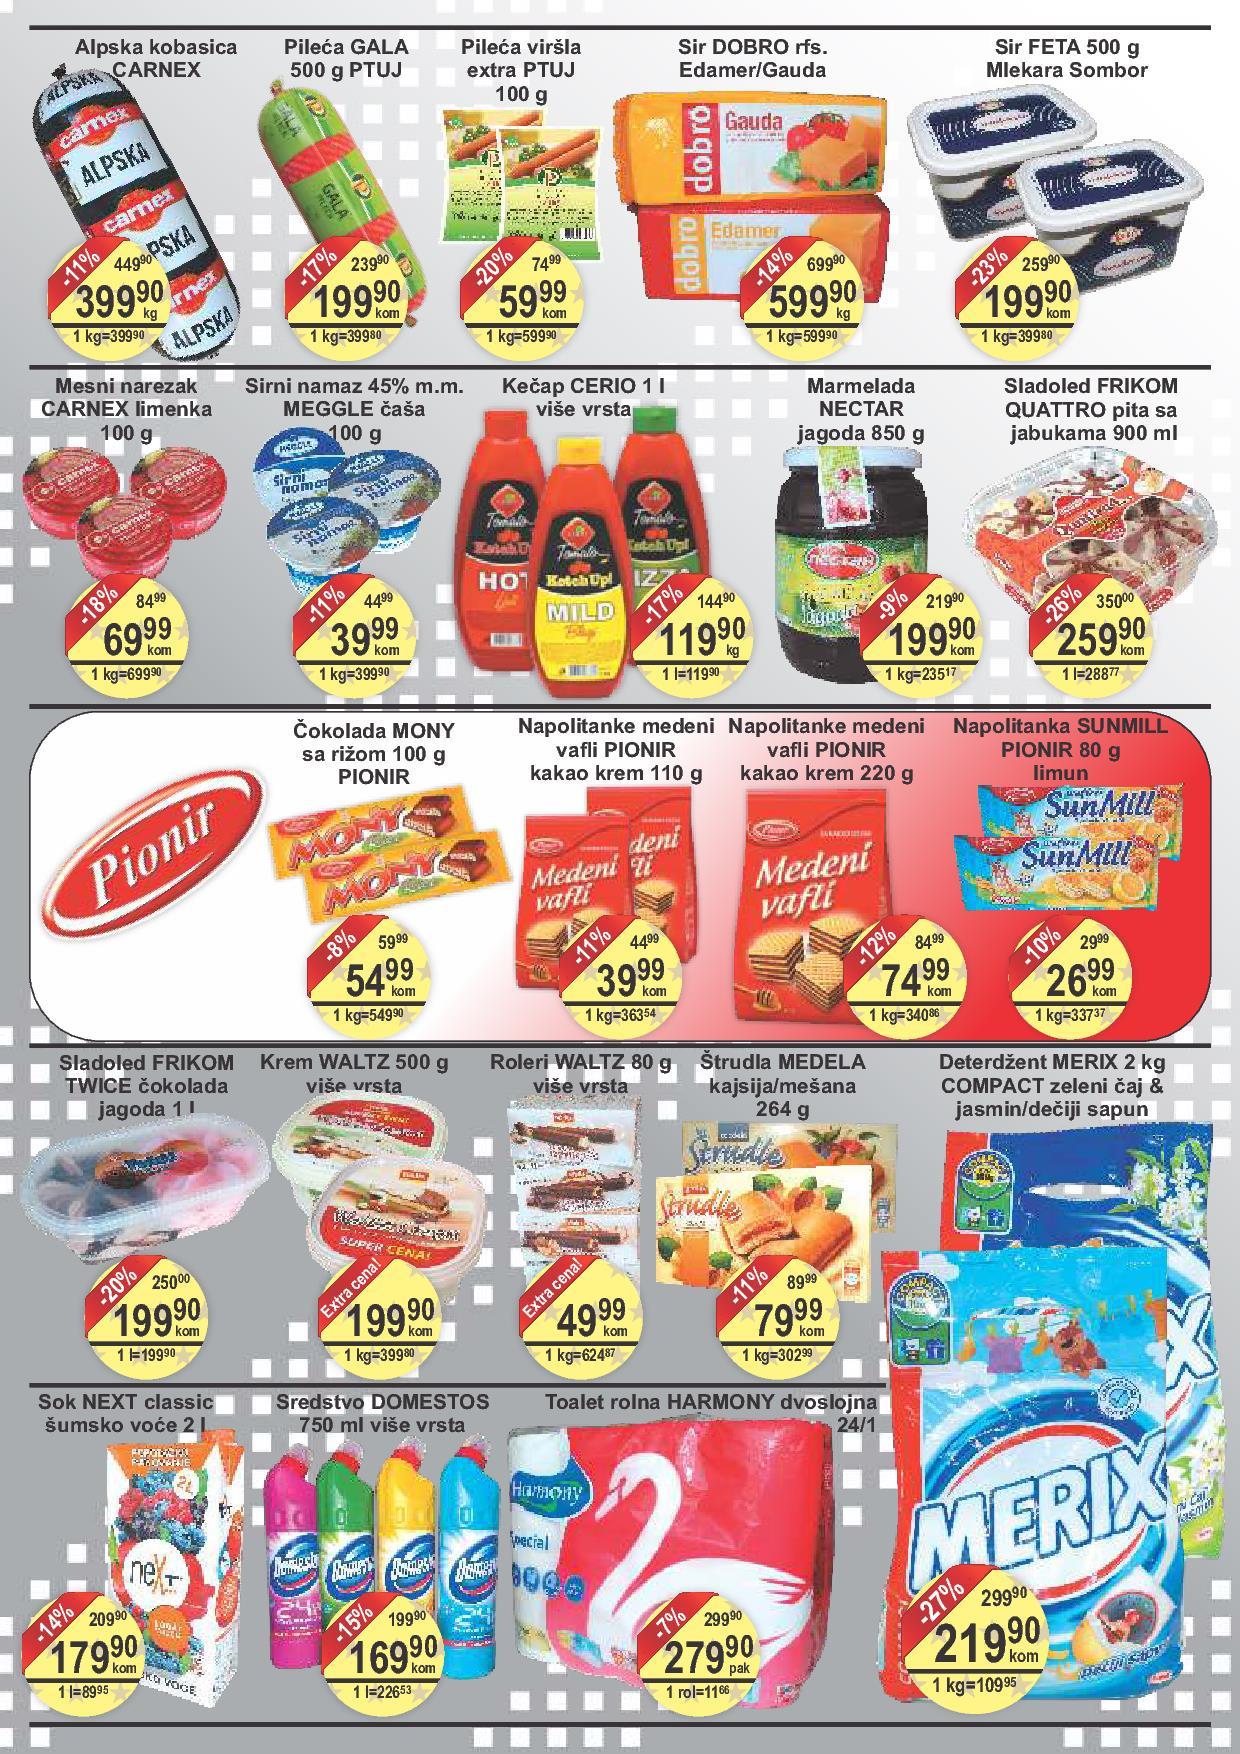 Fortuna market akcija vikend odlične kupovine